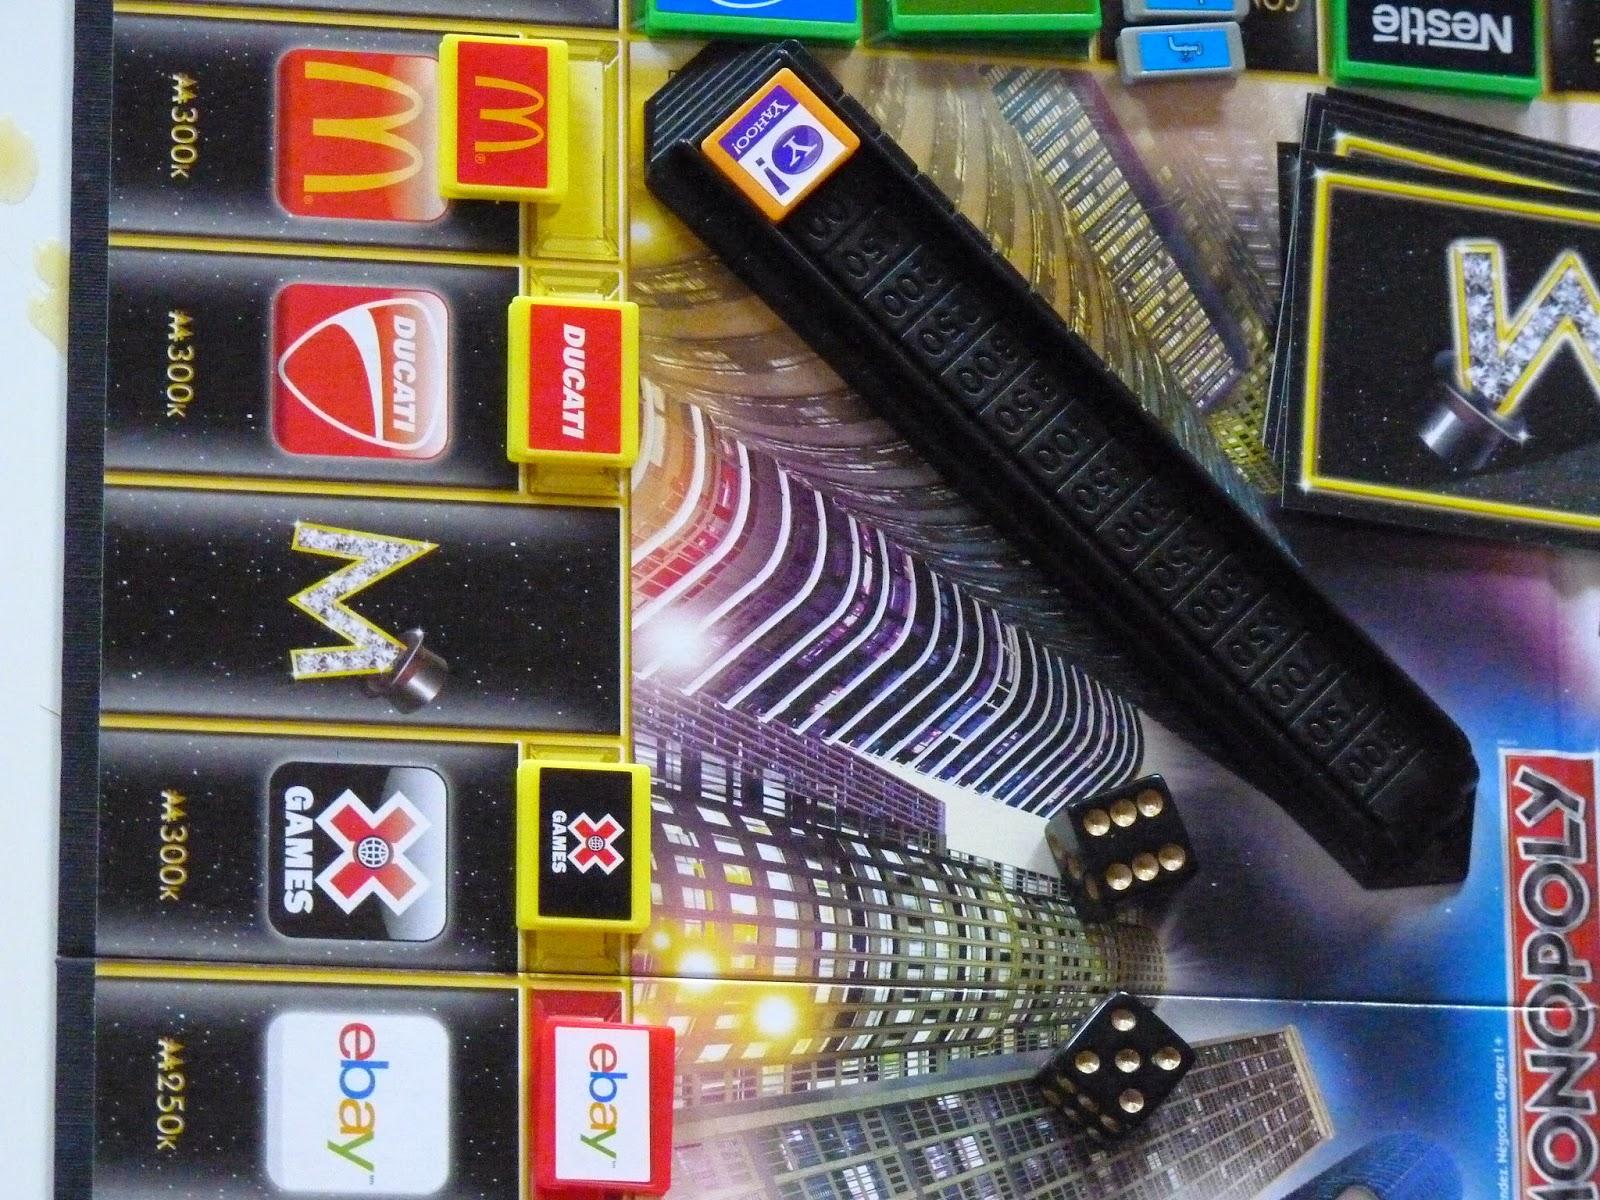 monopoly empire, jeux vidéo, jeux marque, ebay, jeux connu, s'occuper, mc donald, yahoo, ducatti, week end pluvieux, beat audio, nerf, spotify, jetblue, EA, compagnie d'electricité, hasbro, under armour, carnival, Xgames, itel, xbox, coca cola, samsung, compagnie d'eau, paramount,